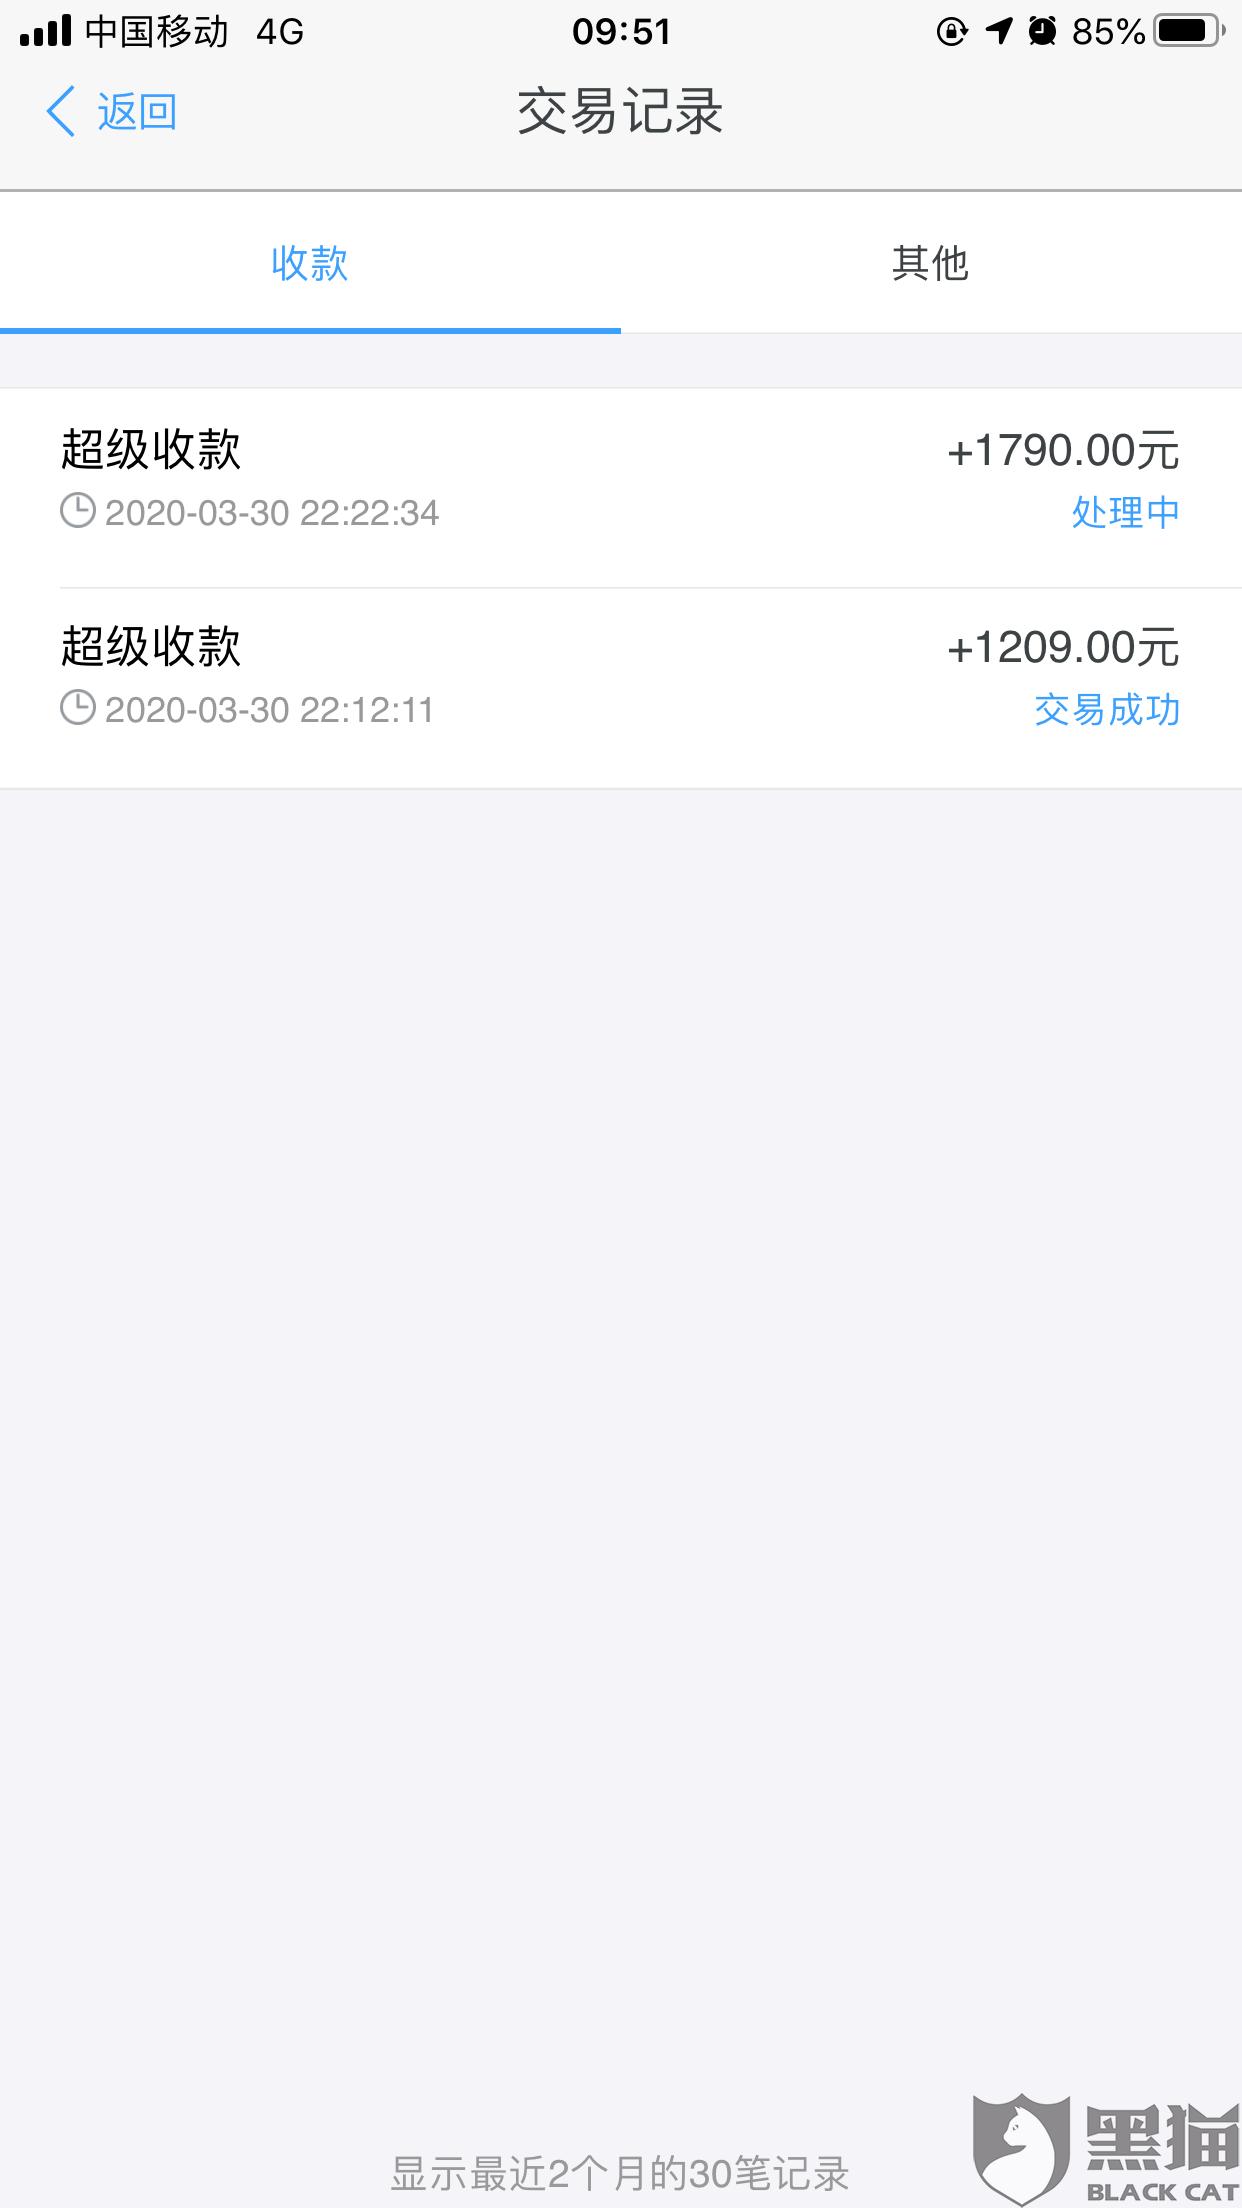 瑞银信——瑞易送限额(最新更新)